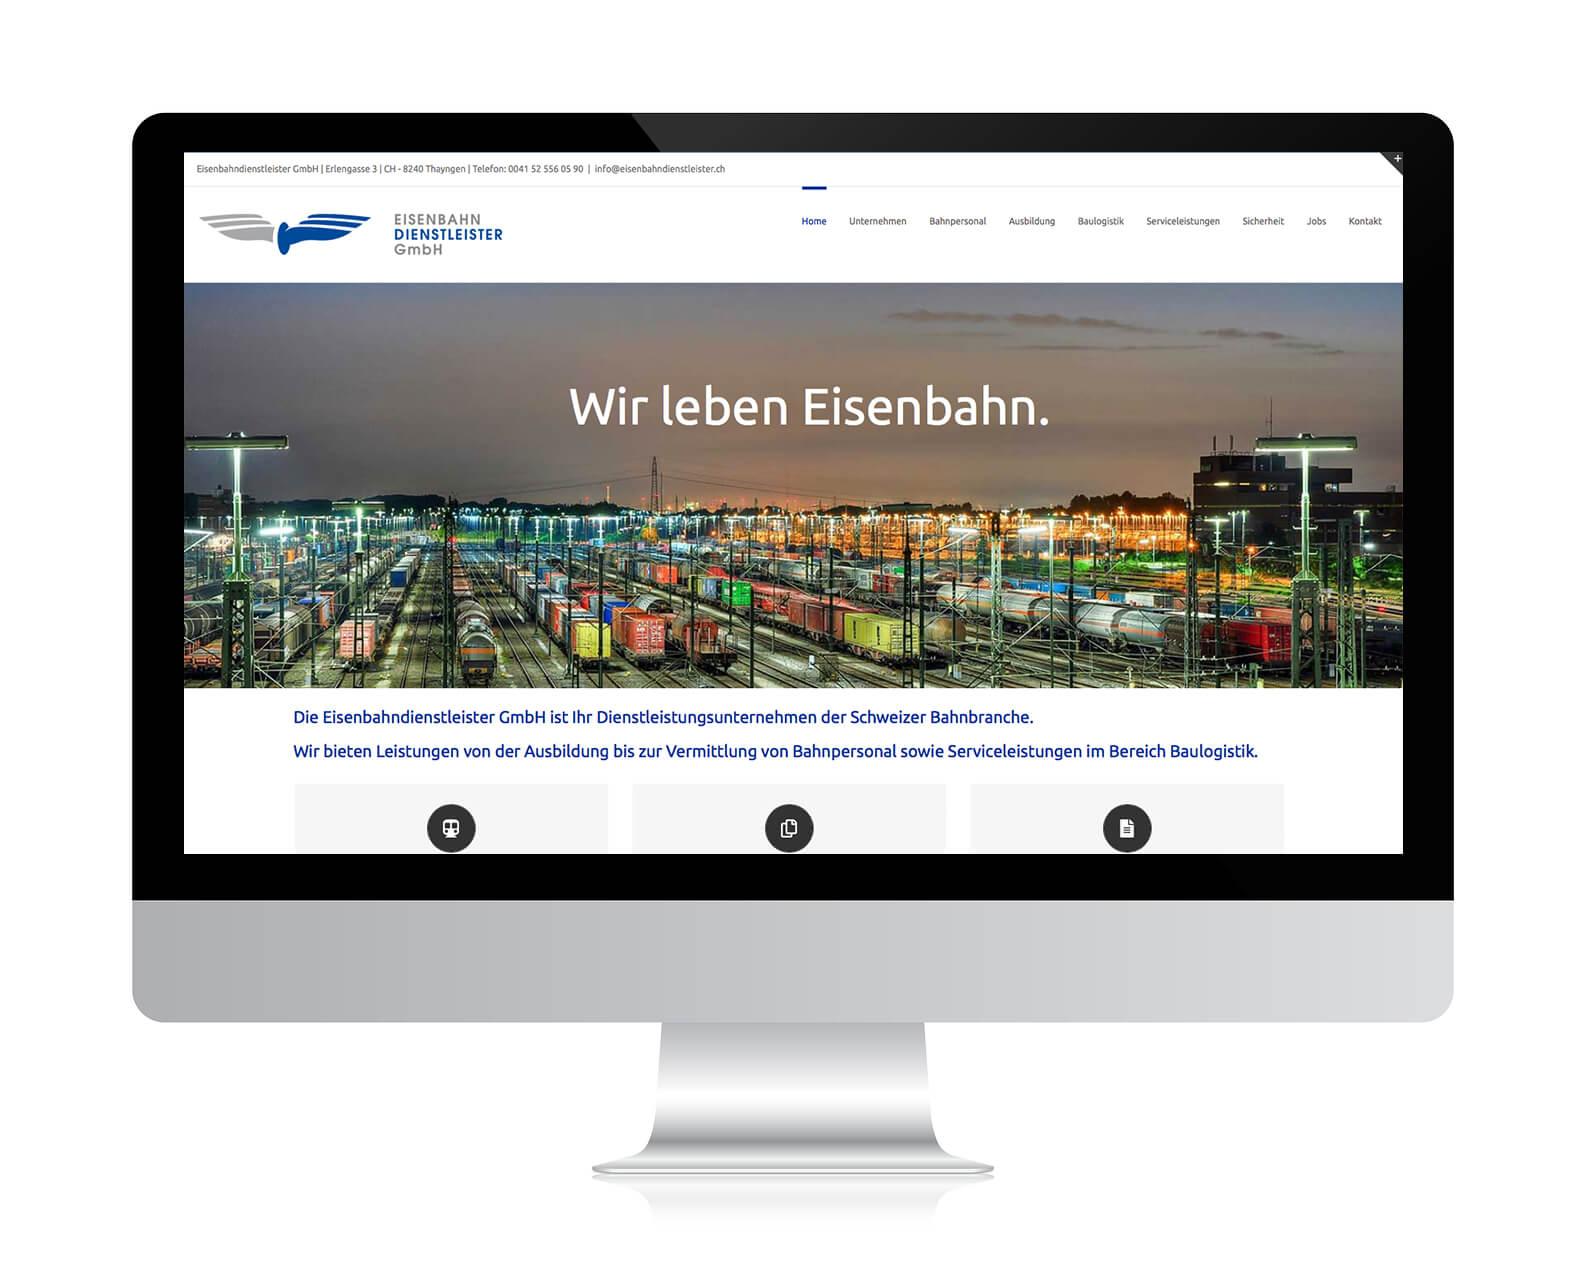 eisenbahndienstleister-referenzen_final